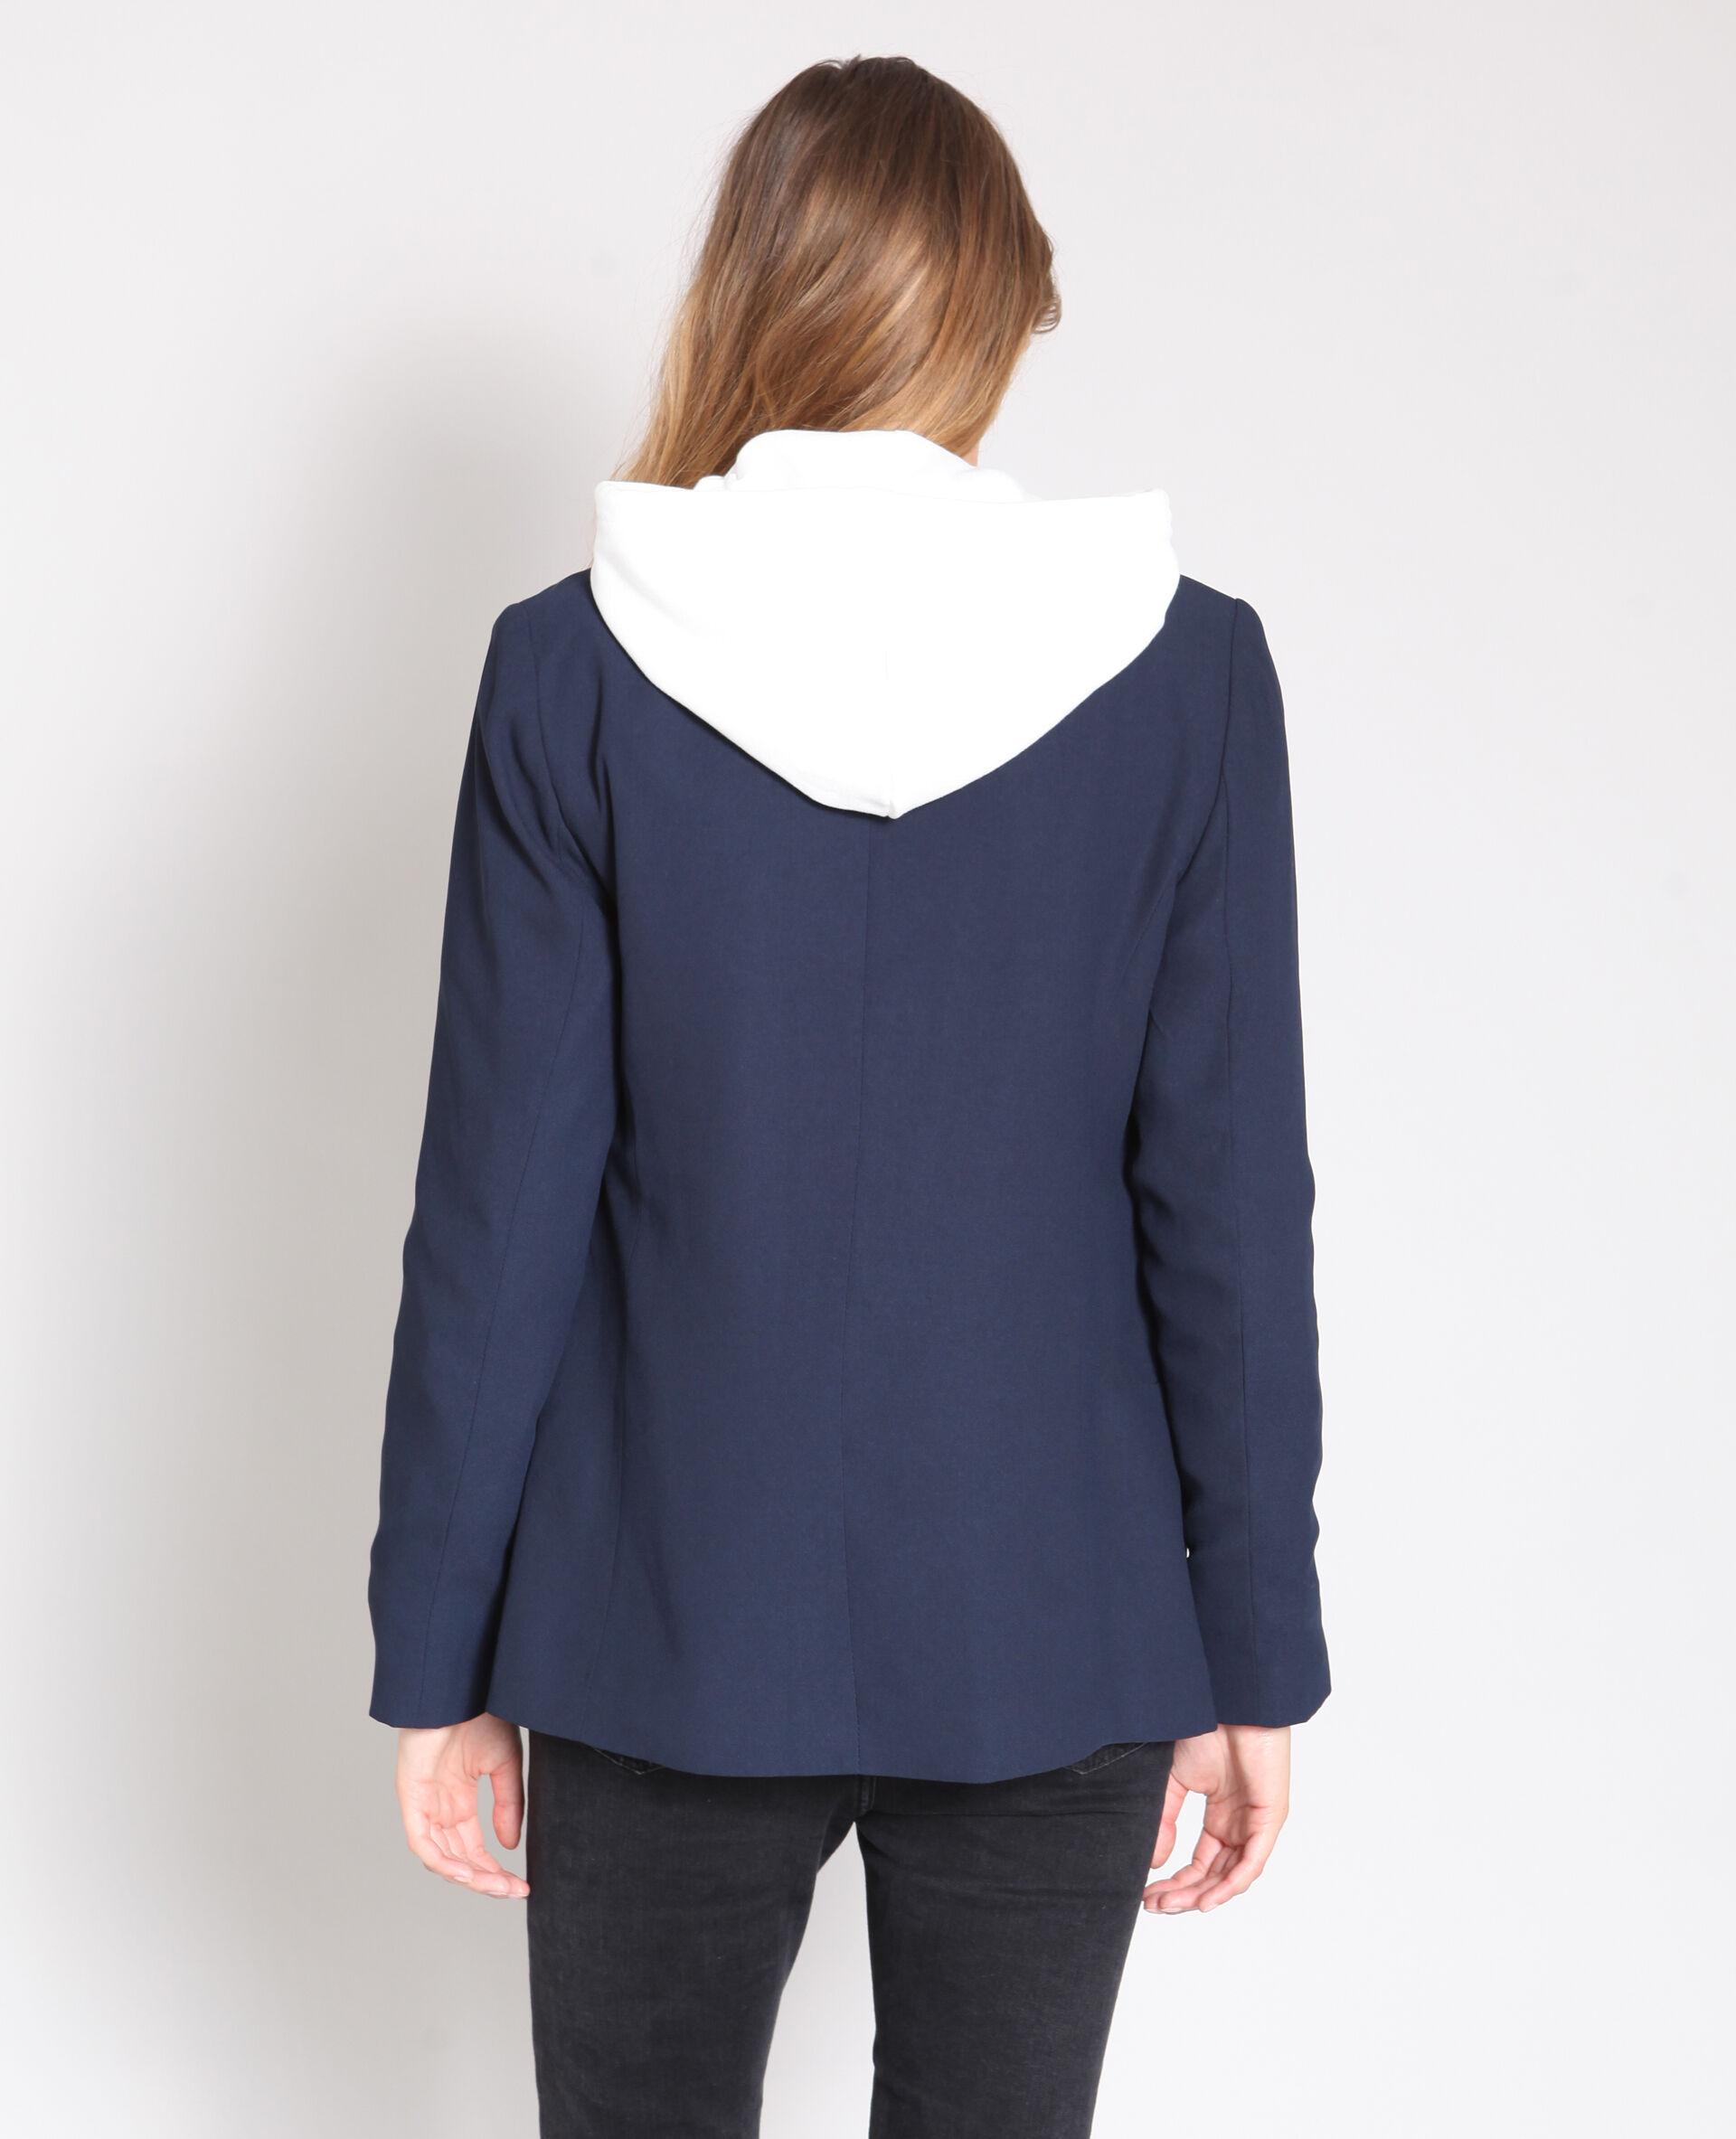 Veste tailleur longue femme bleu marine